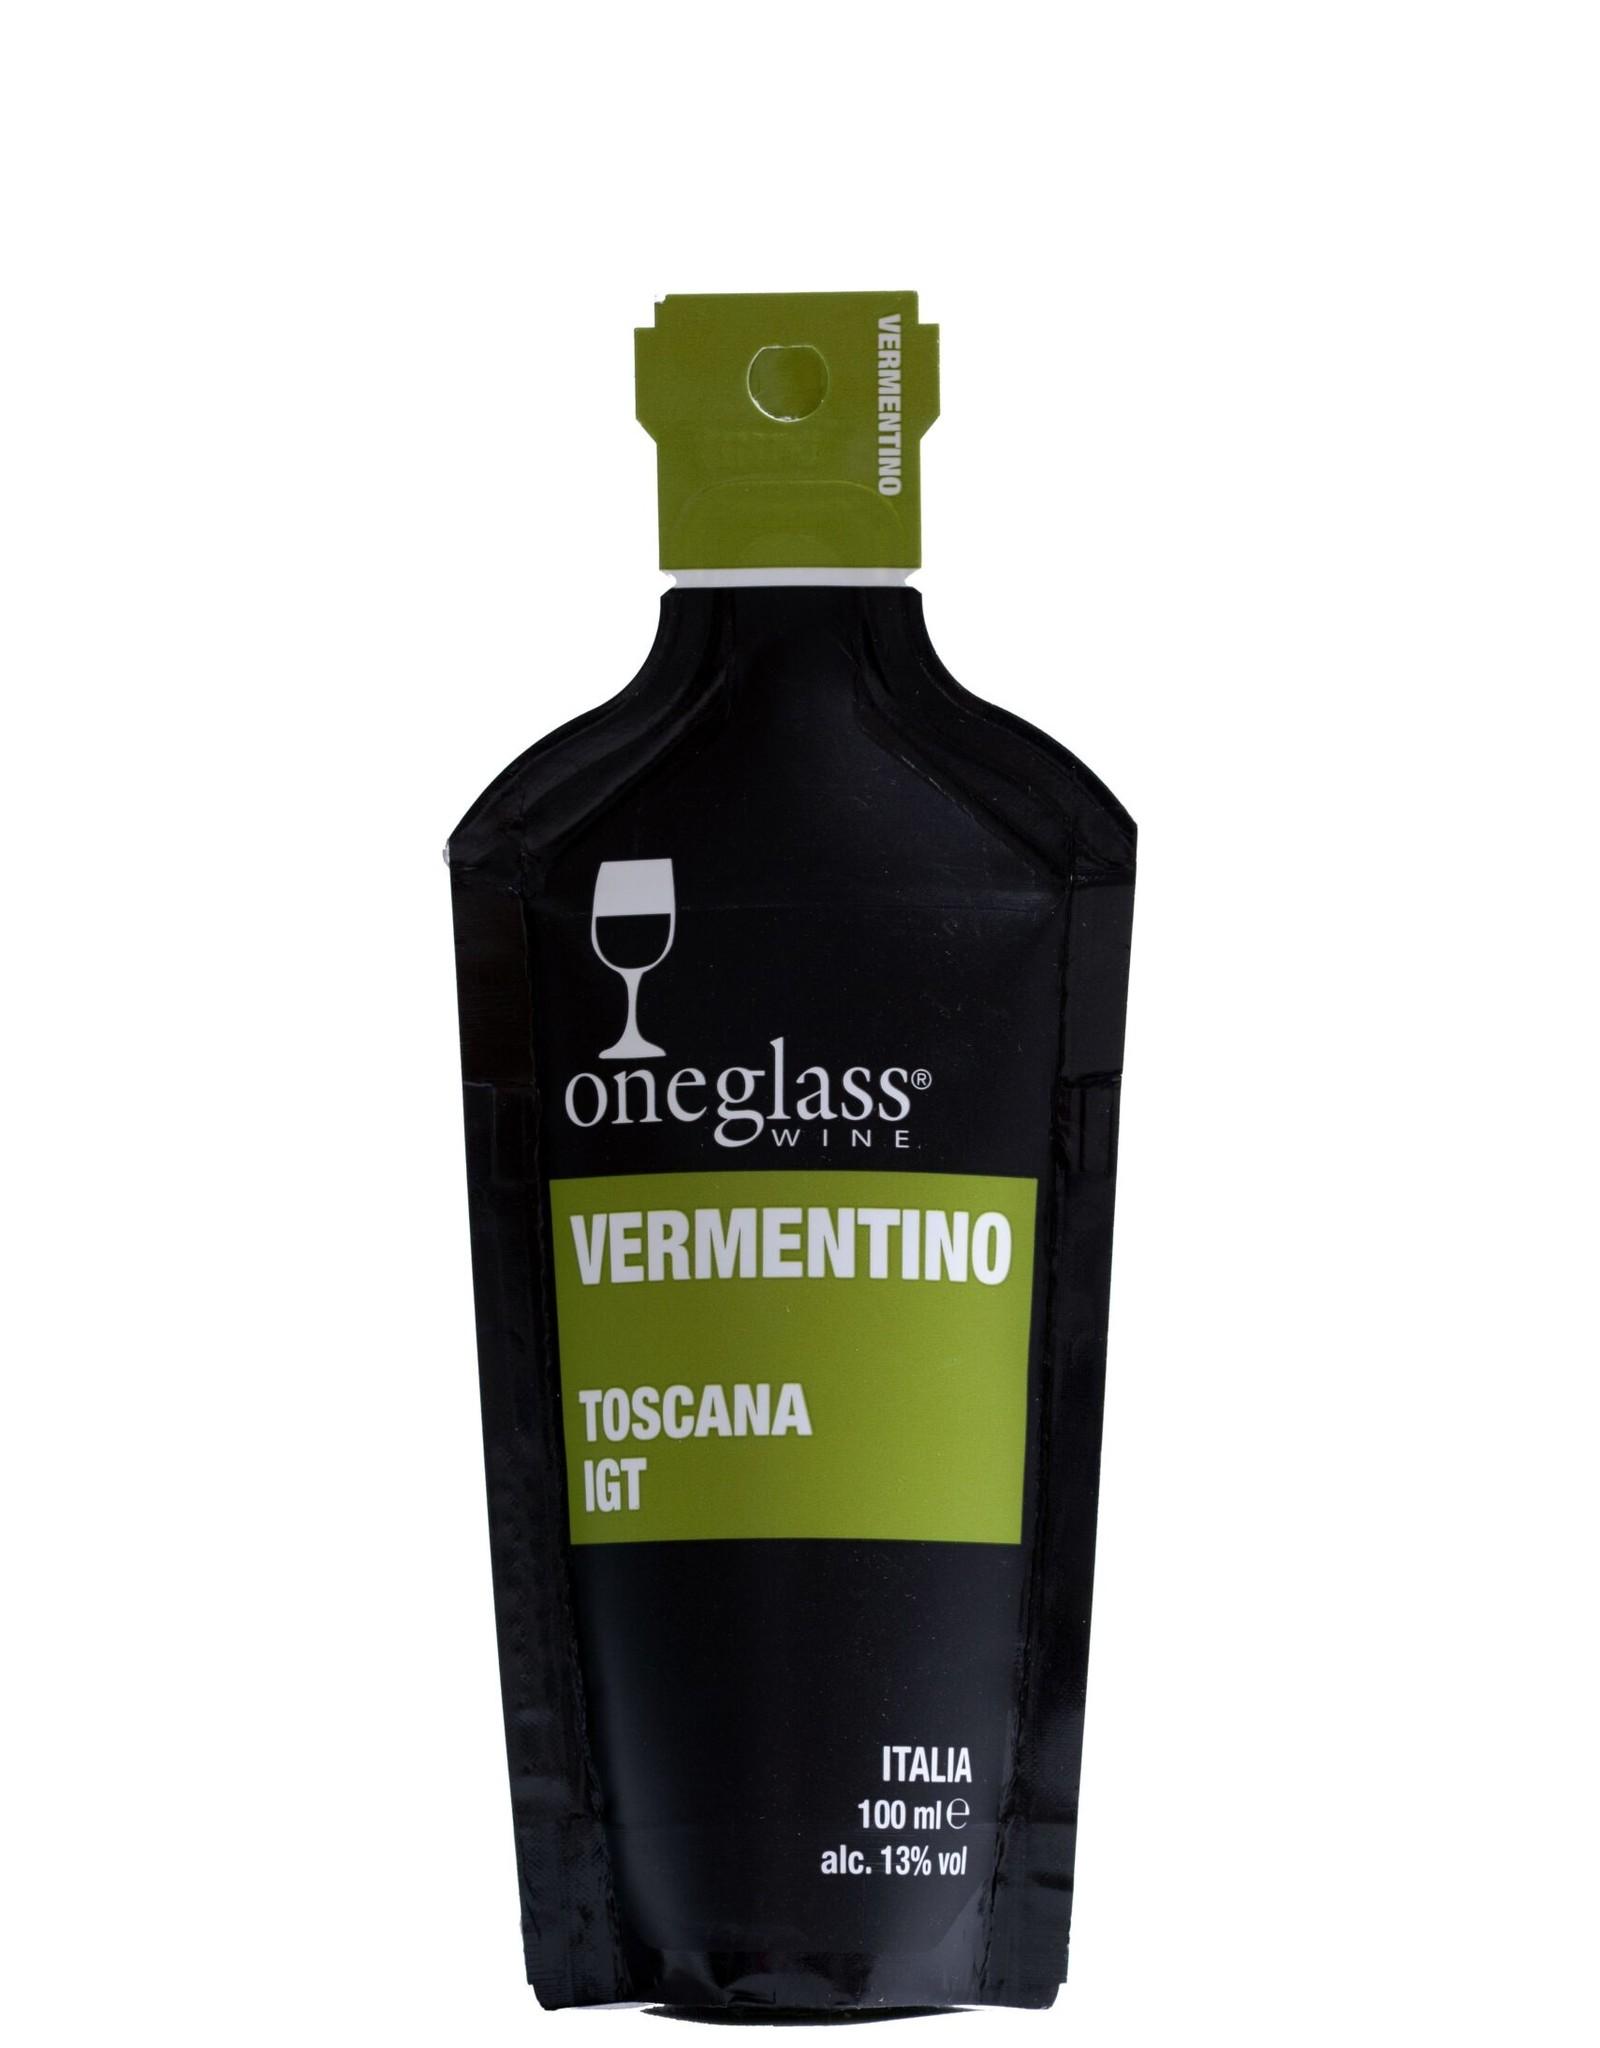 Oneglass Vermentino Toscana IGT